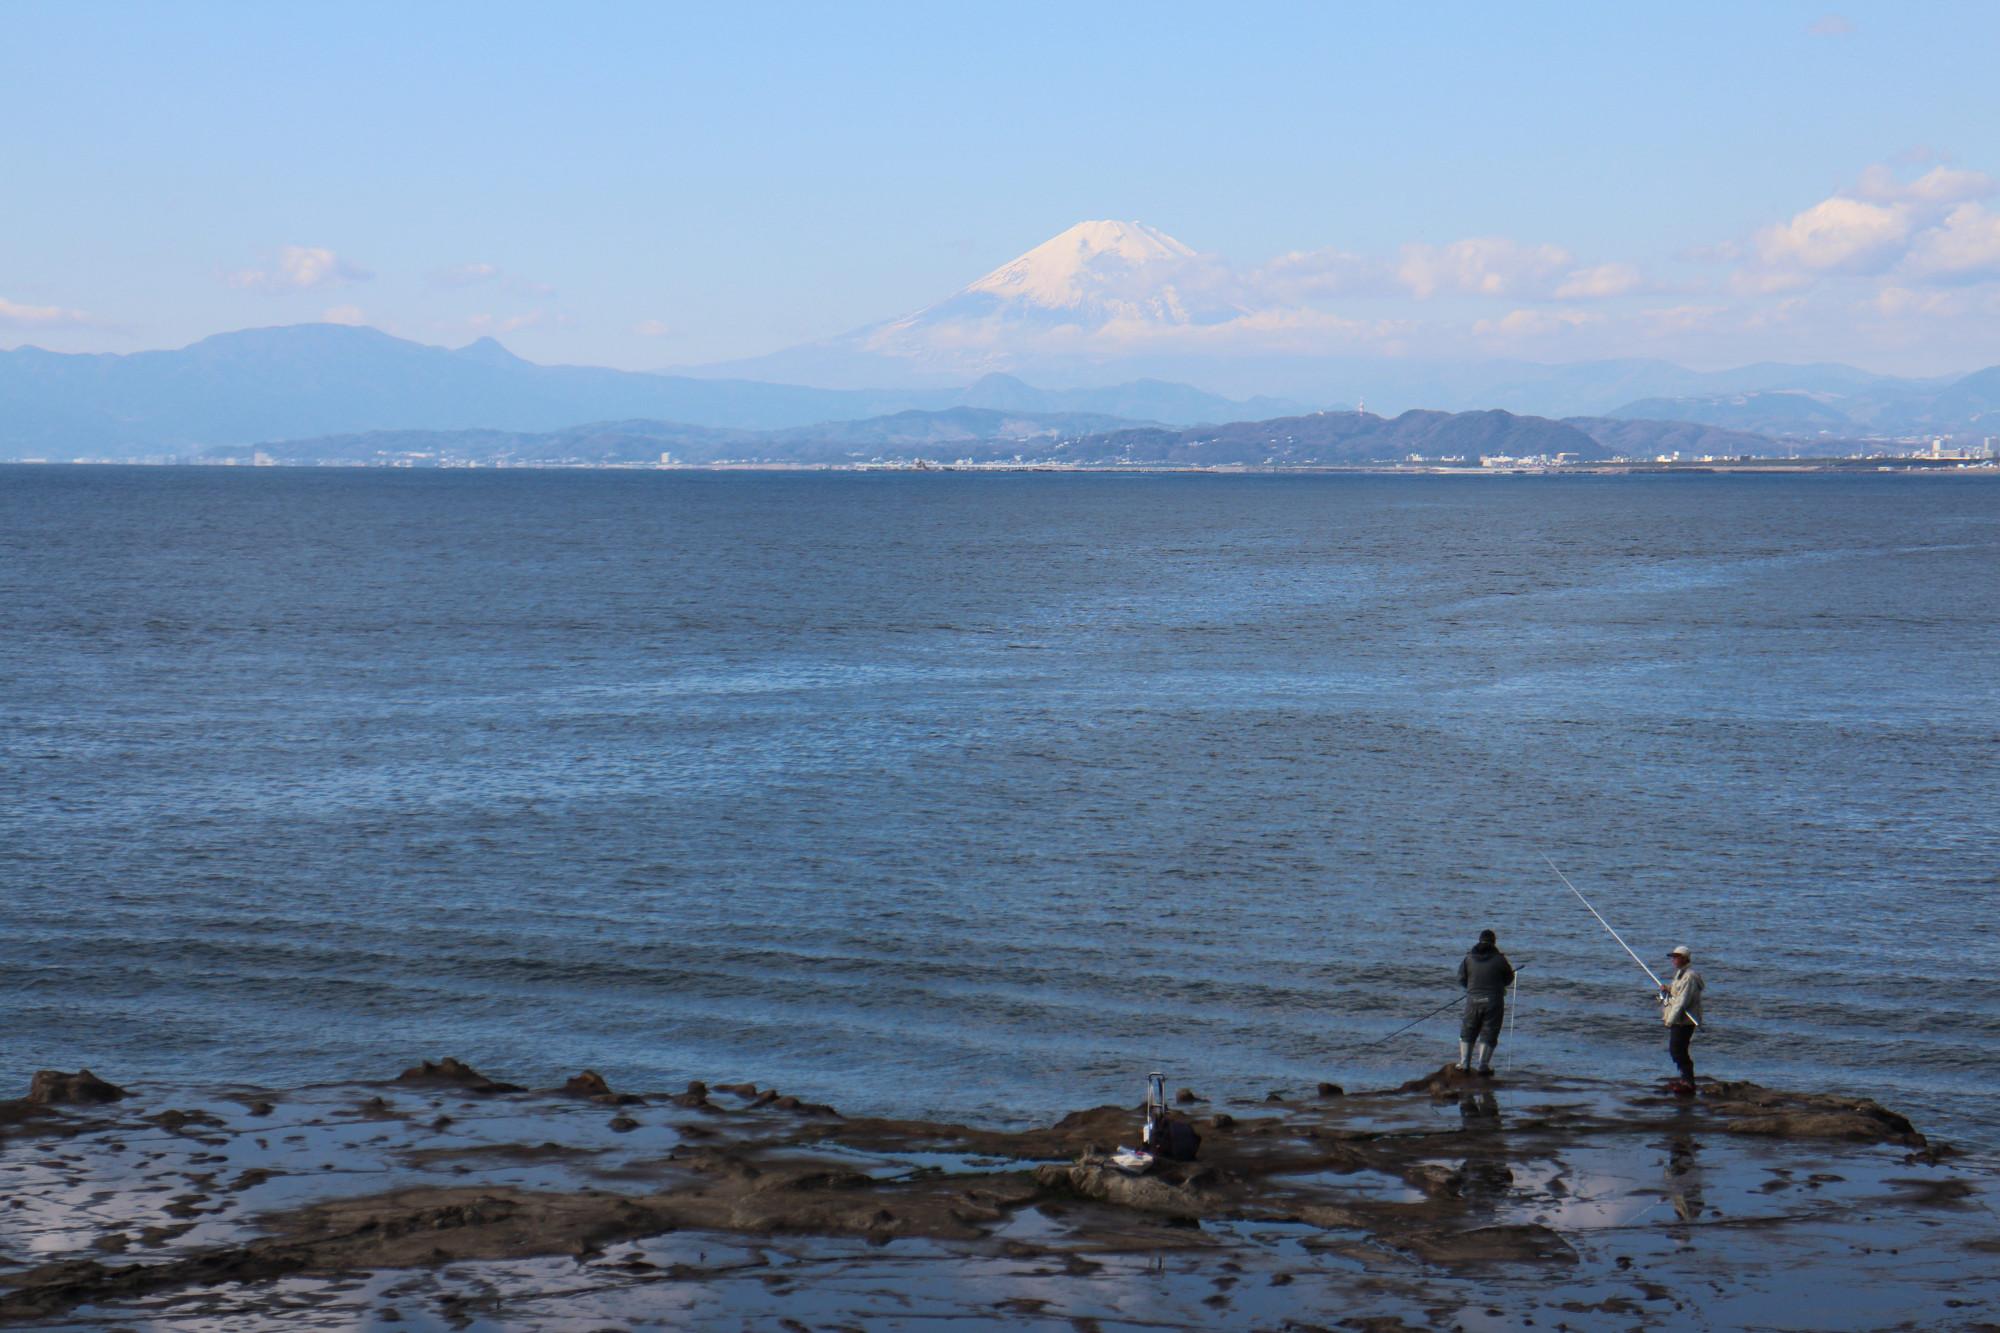 Der Fuji von Enoshima aus gesehen, Angler im Vordergrund.